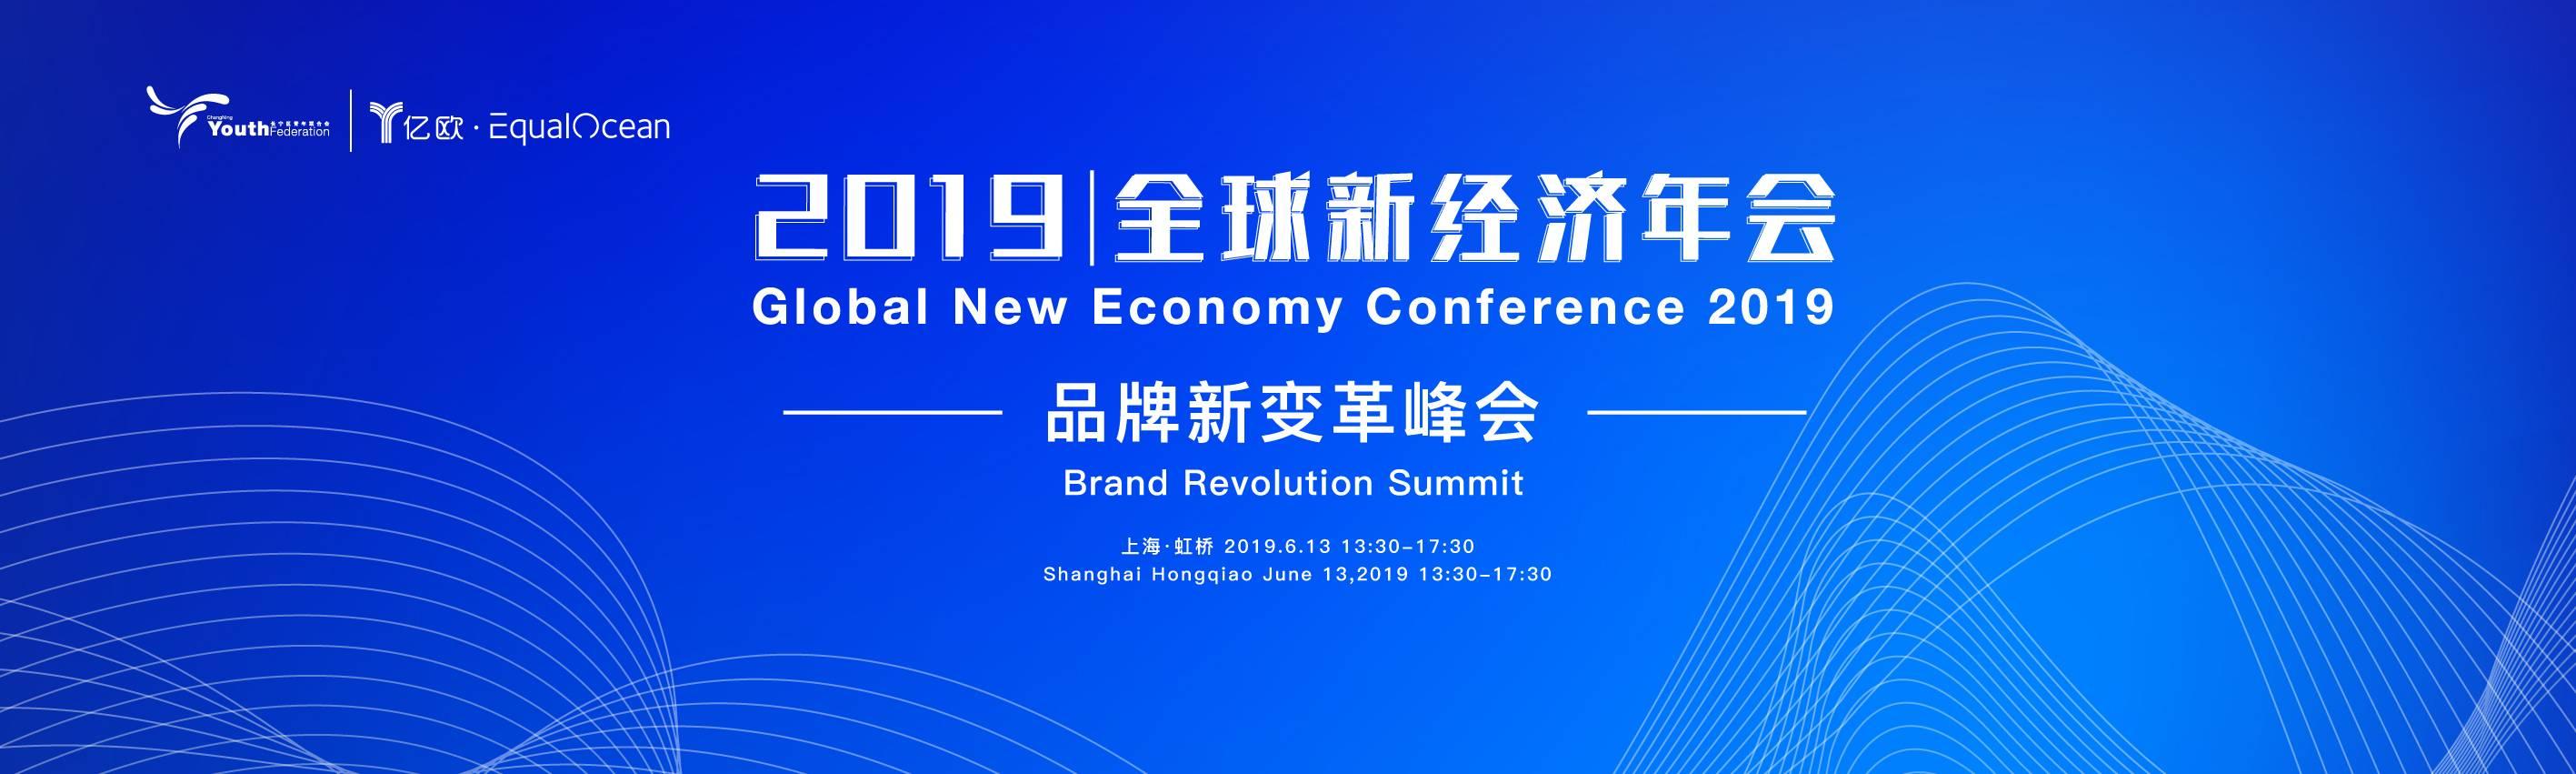 2019全球新经济年会-品牌新变革峰会